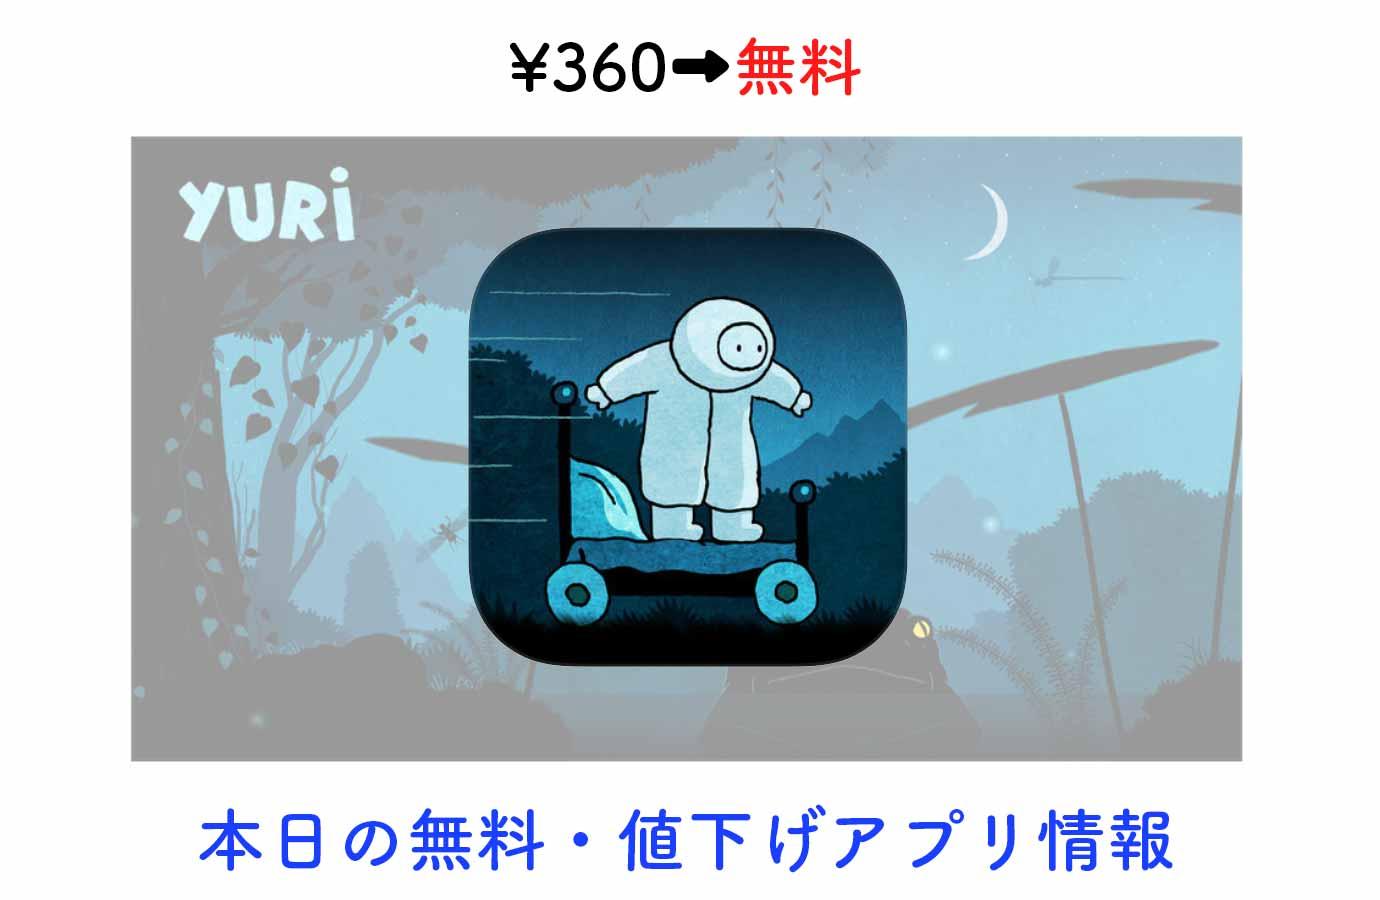 ¥360→無料、美しいイラストと世界観が特徴の横スクロールアクション「Yuri」など【8/23】本日の無料・値下げアプリ情報